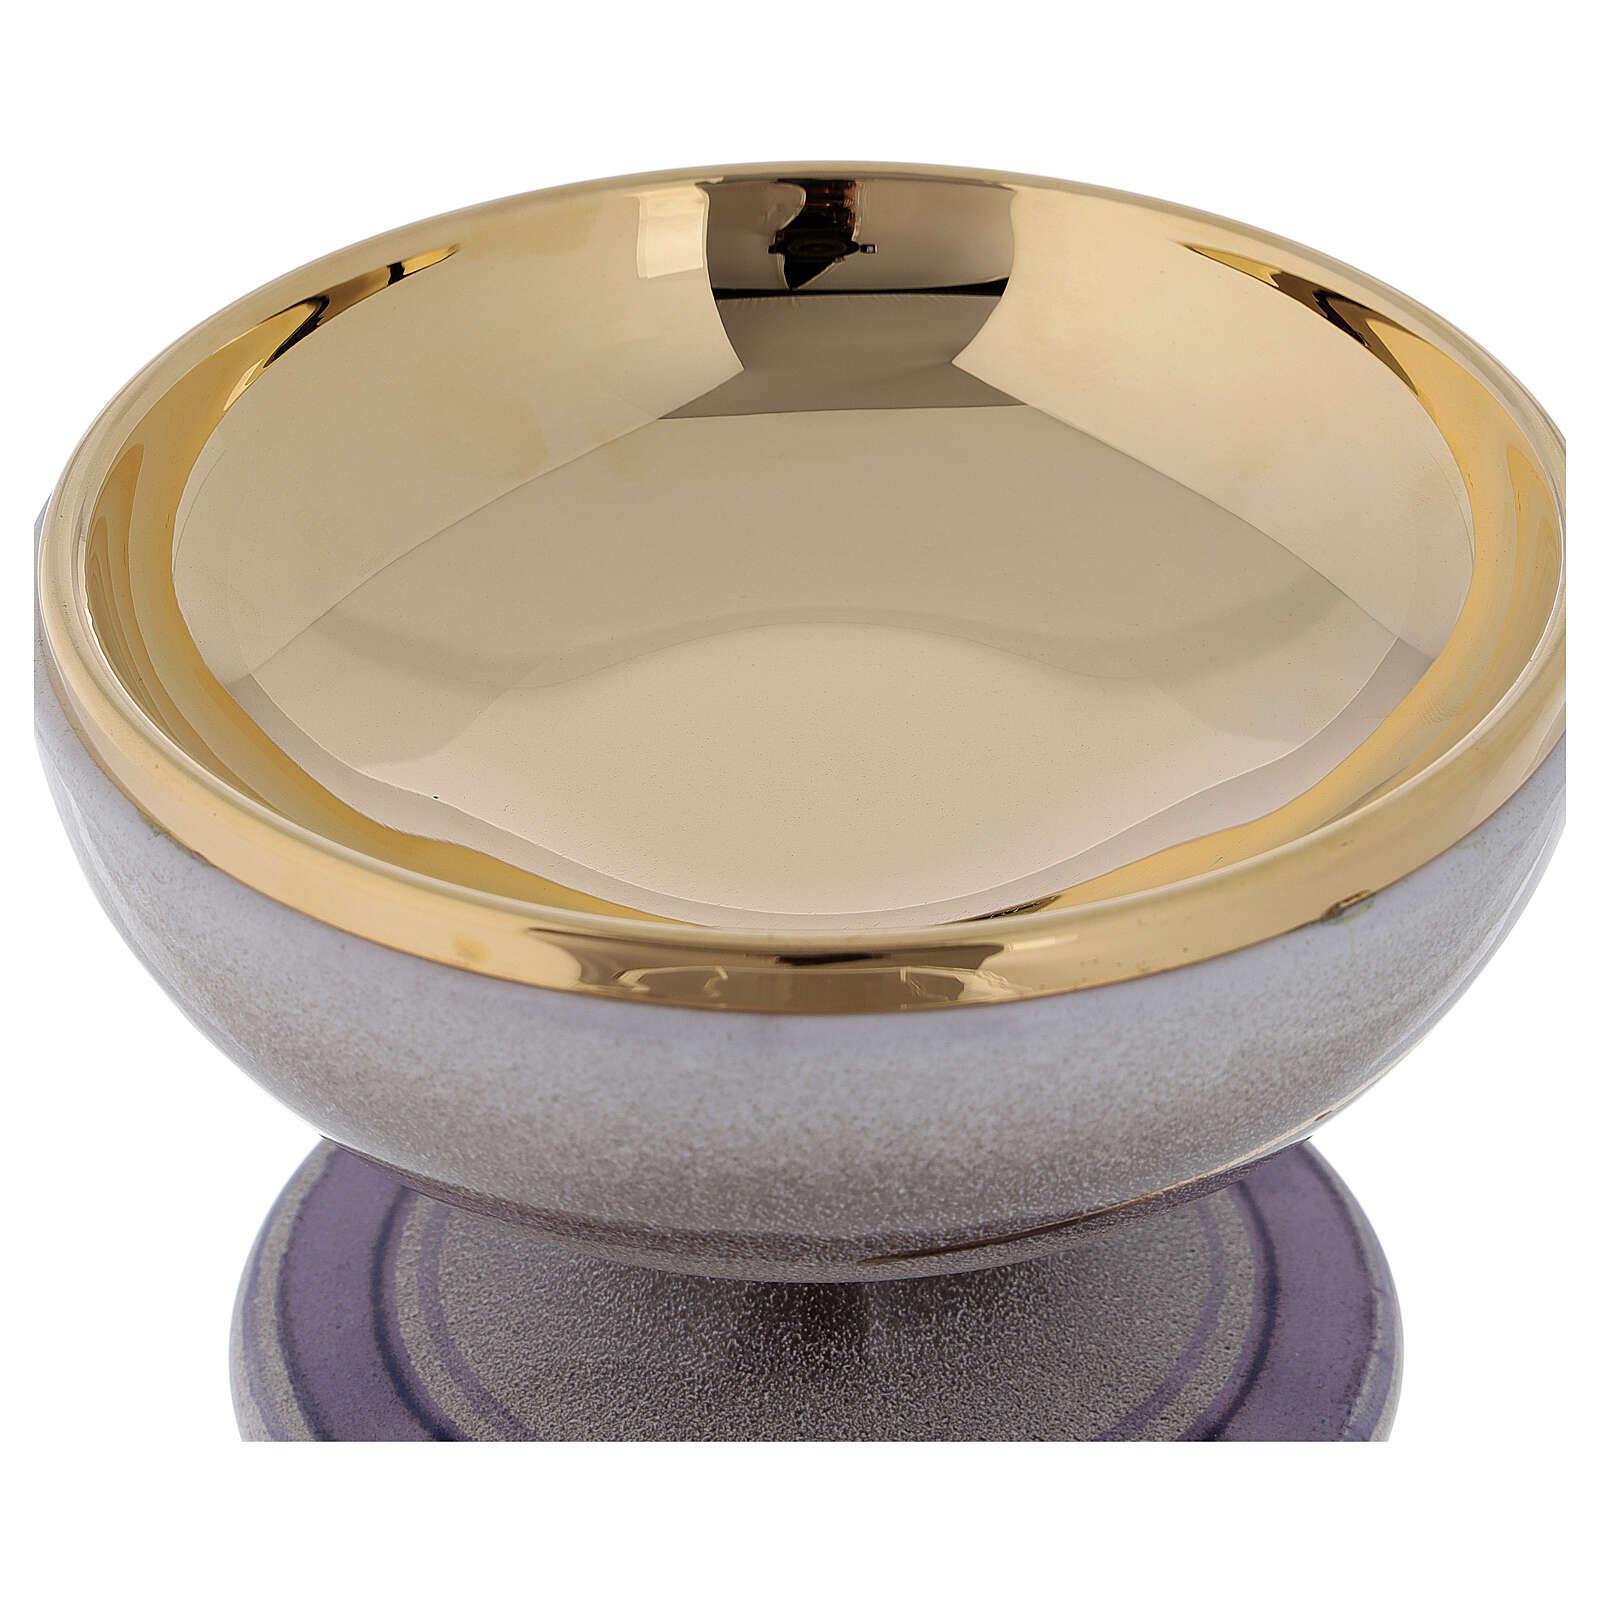 STOCK Patène céramique nacre laiton doré décoration épi doré diam. 15 cm 4